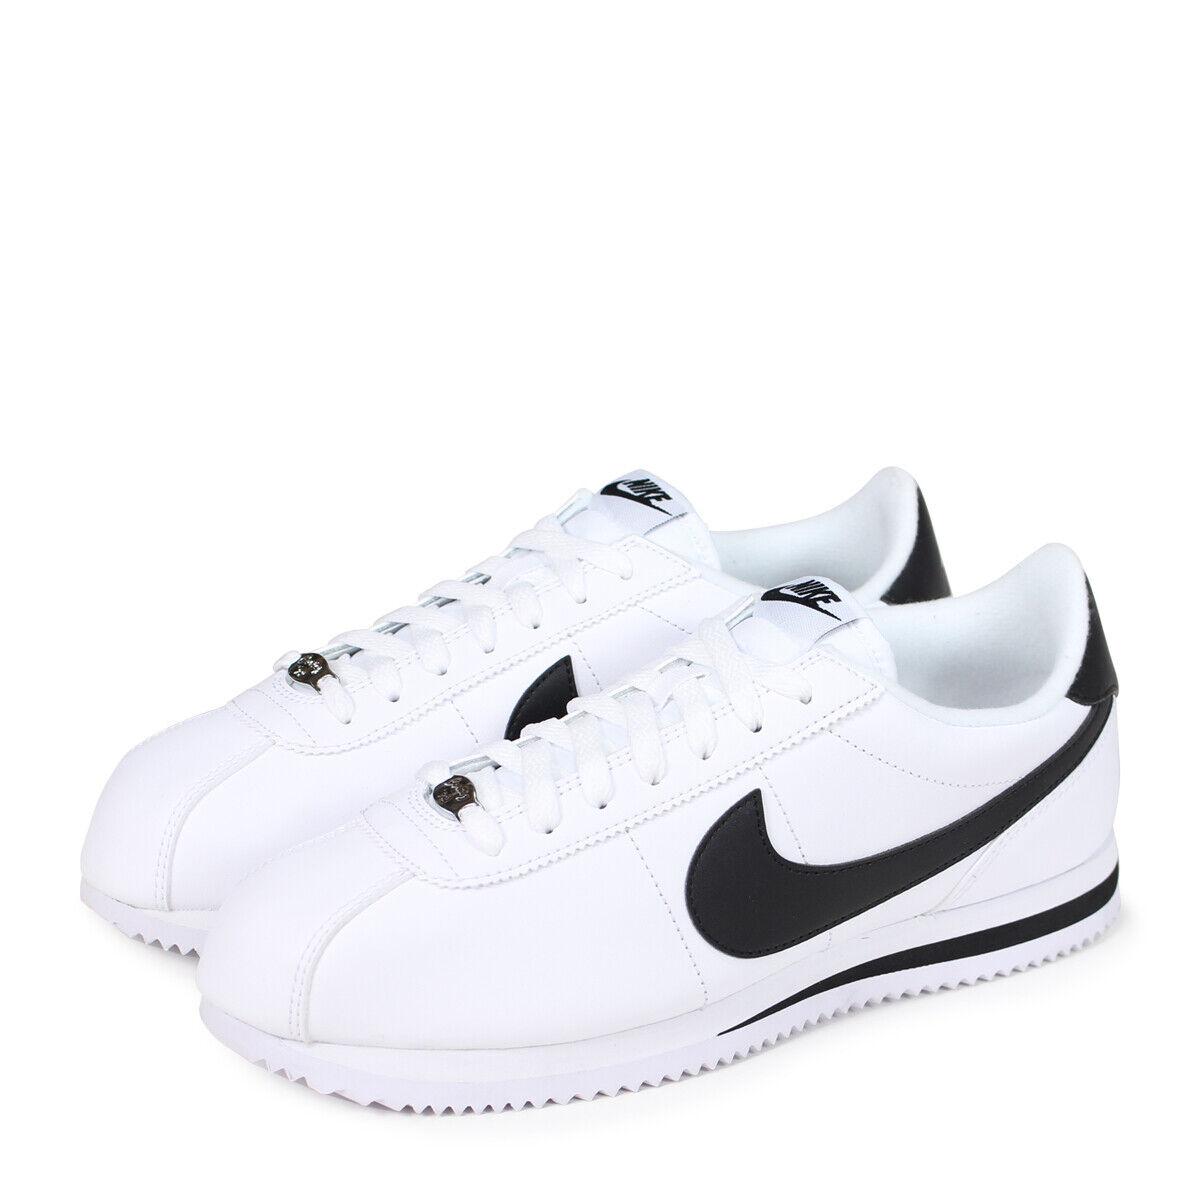 Nike Cortez Basic Leather Men's Shoes white/black 819719 100